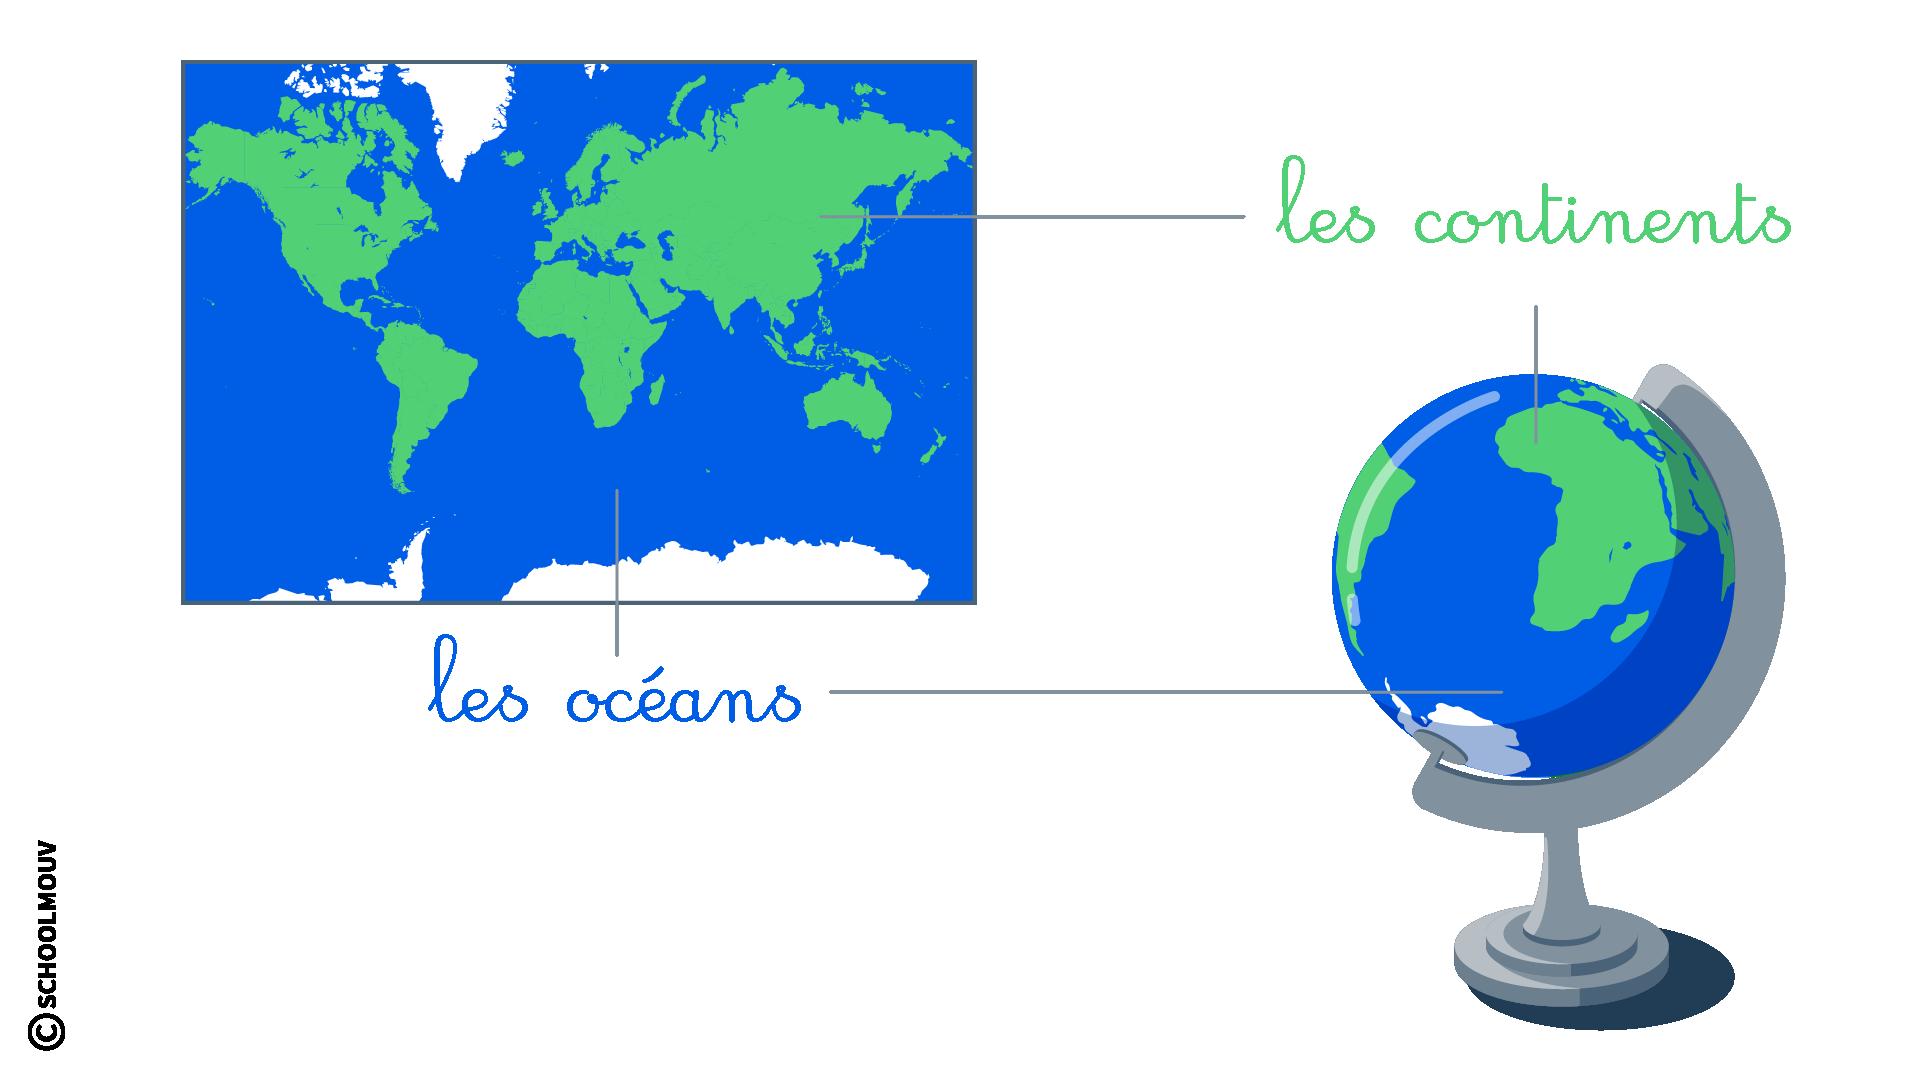 primaire questionner le monde cp les représentation de la Terre planisphère globe terrestre océans continents